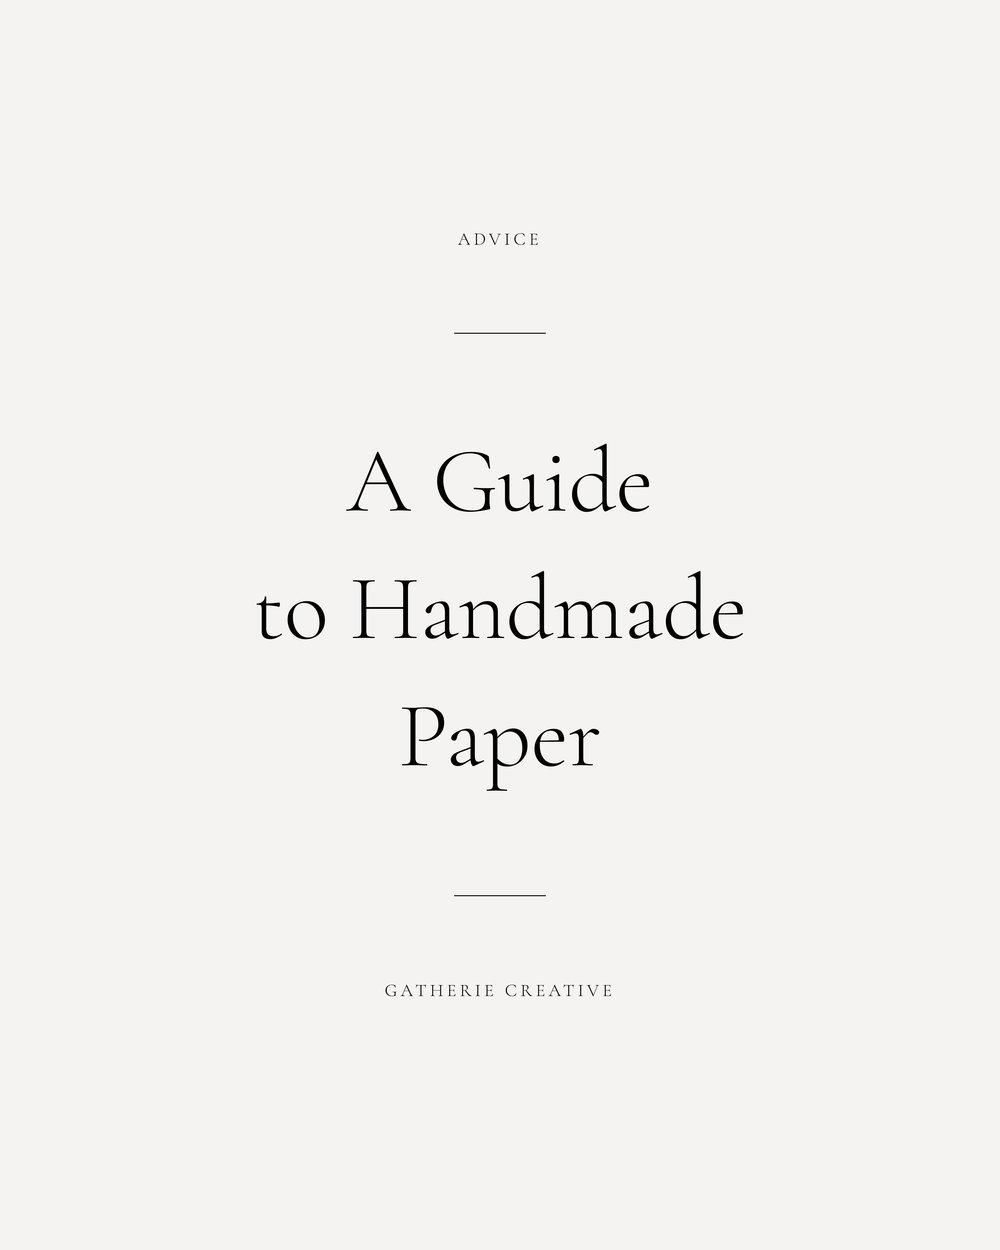 handmade_paper_guide.jpg